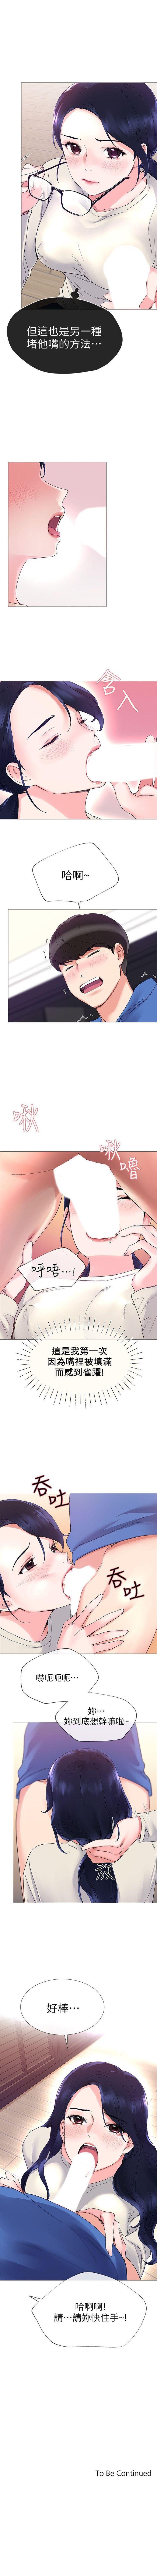 重考生 1-44 中文翻译(更新中) 65